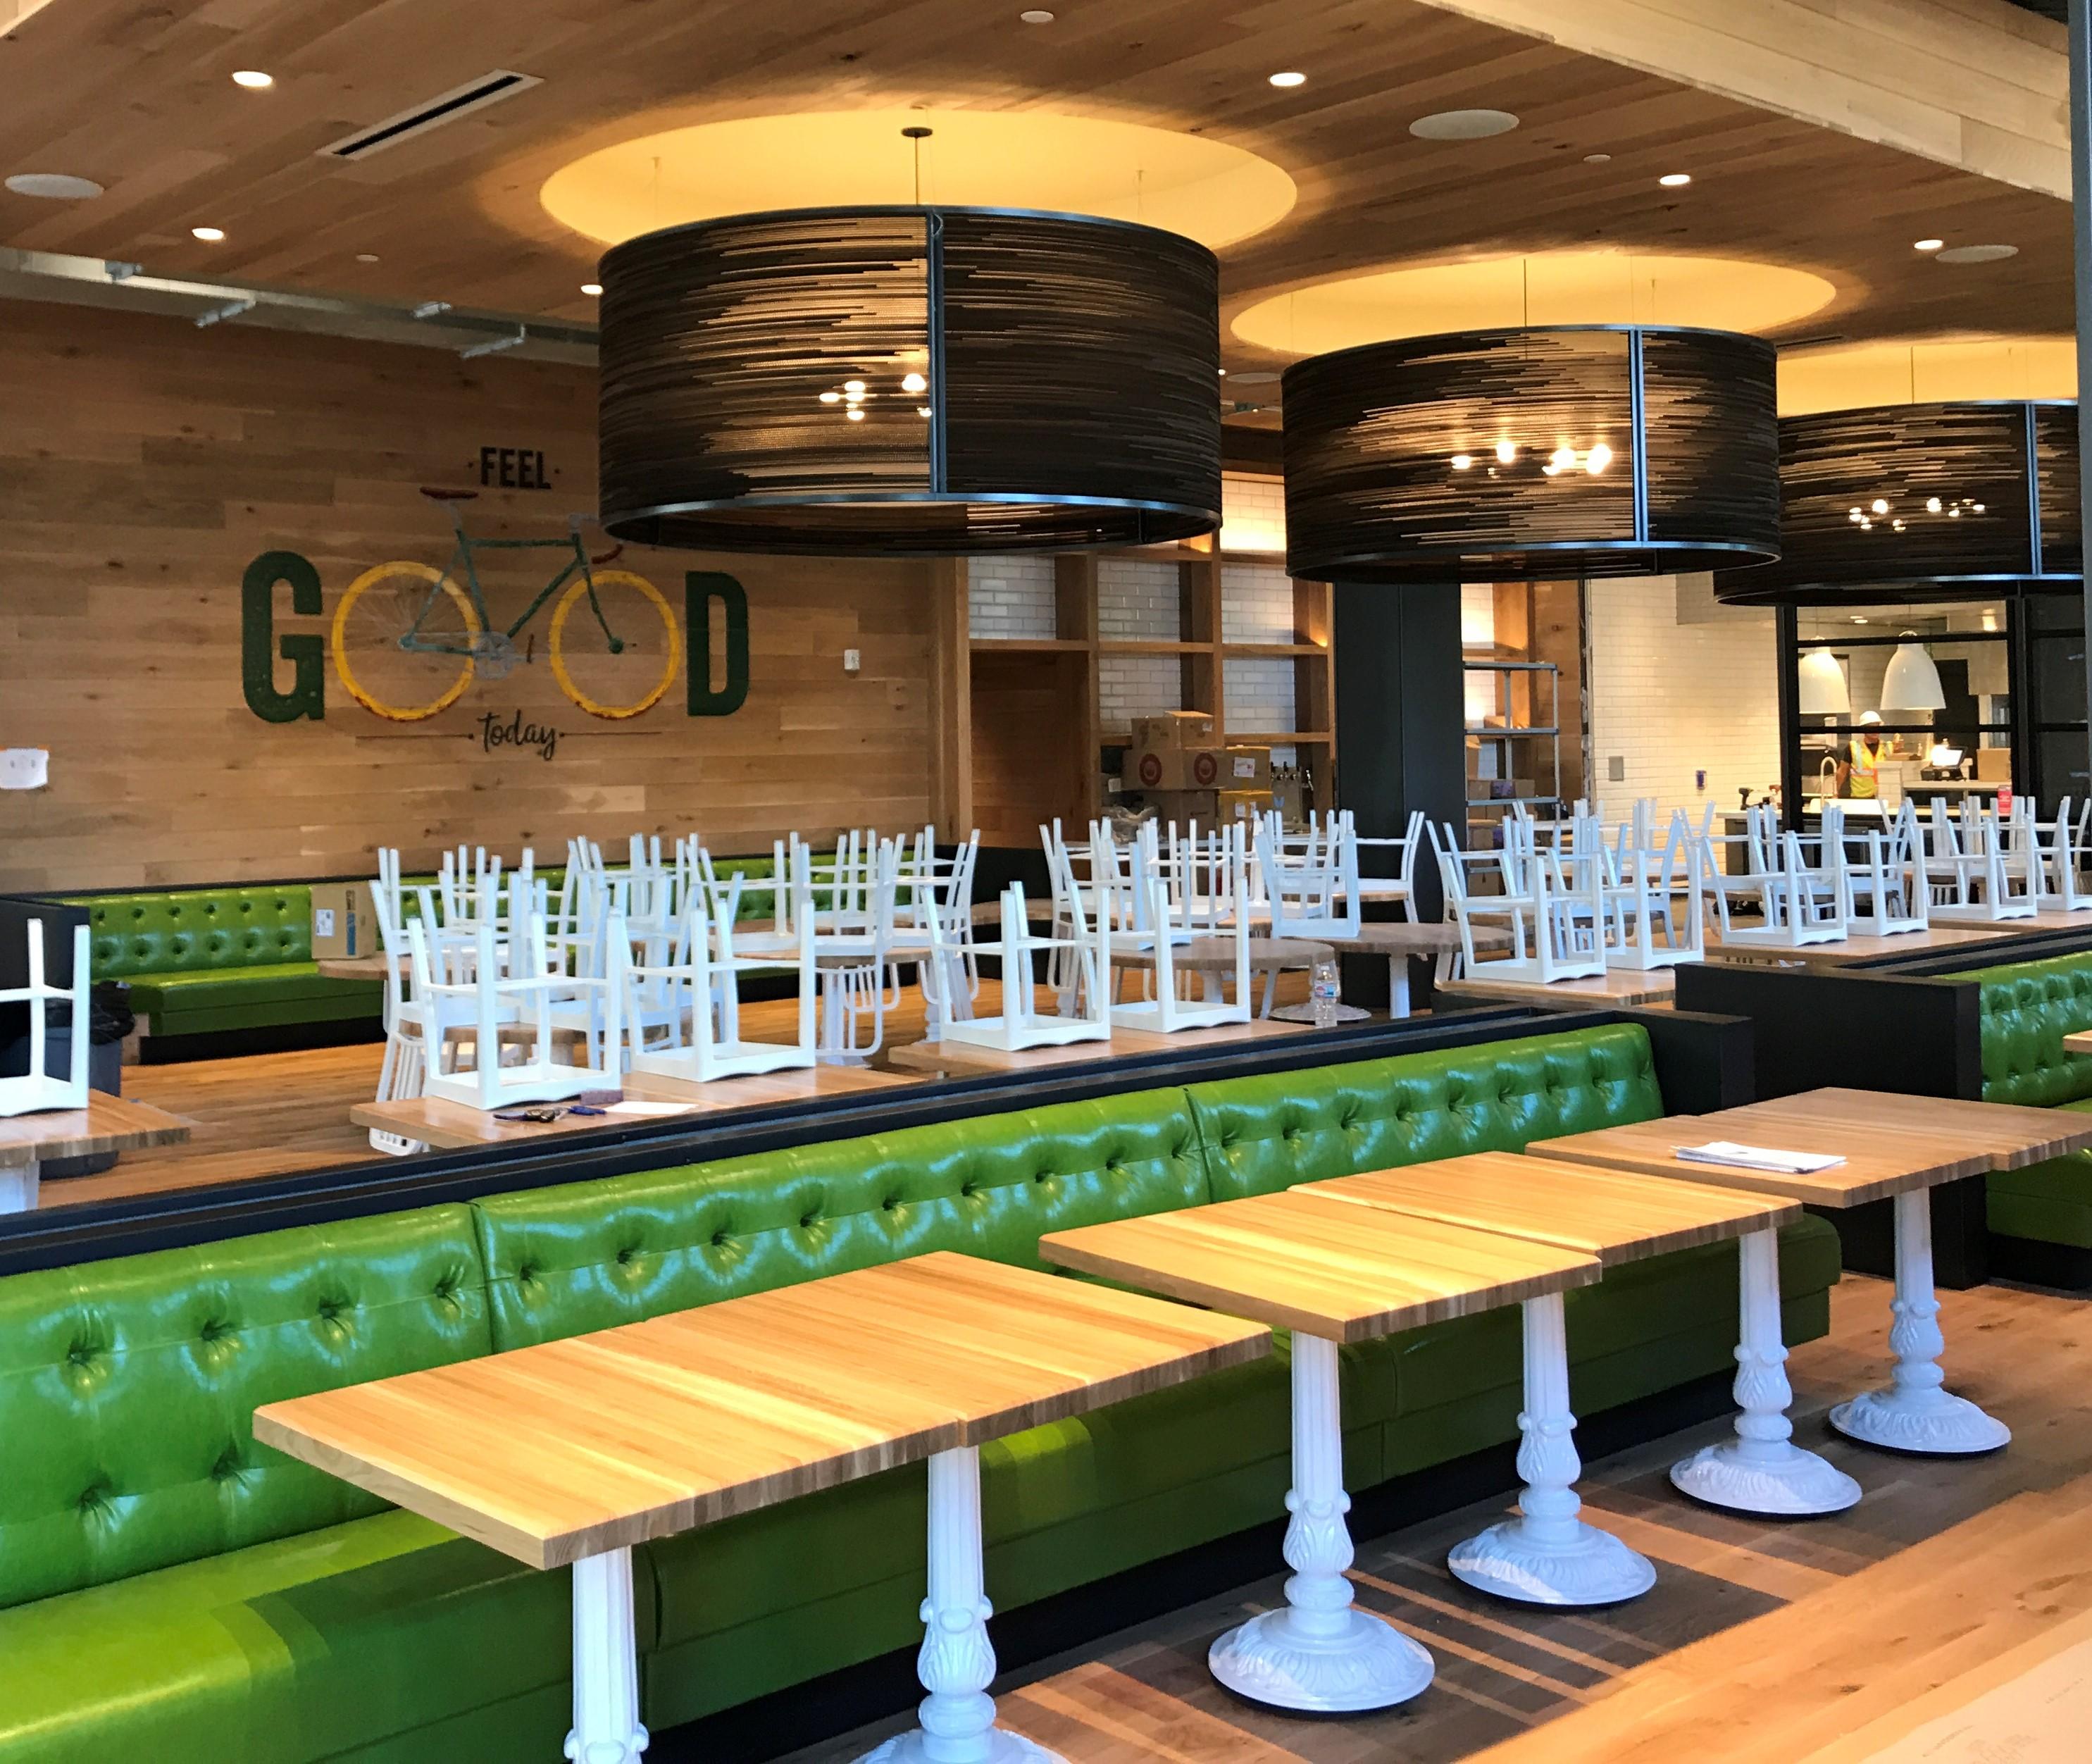 Restaurant Features